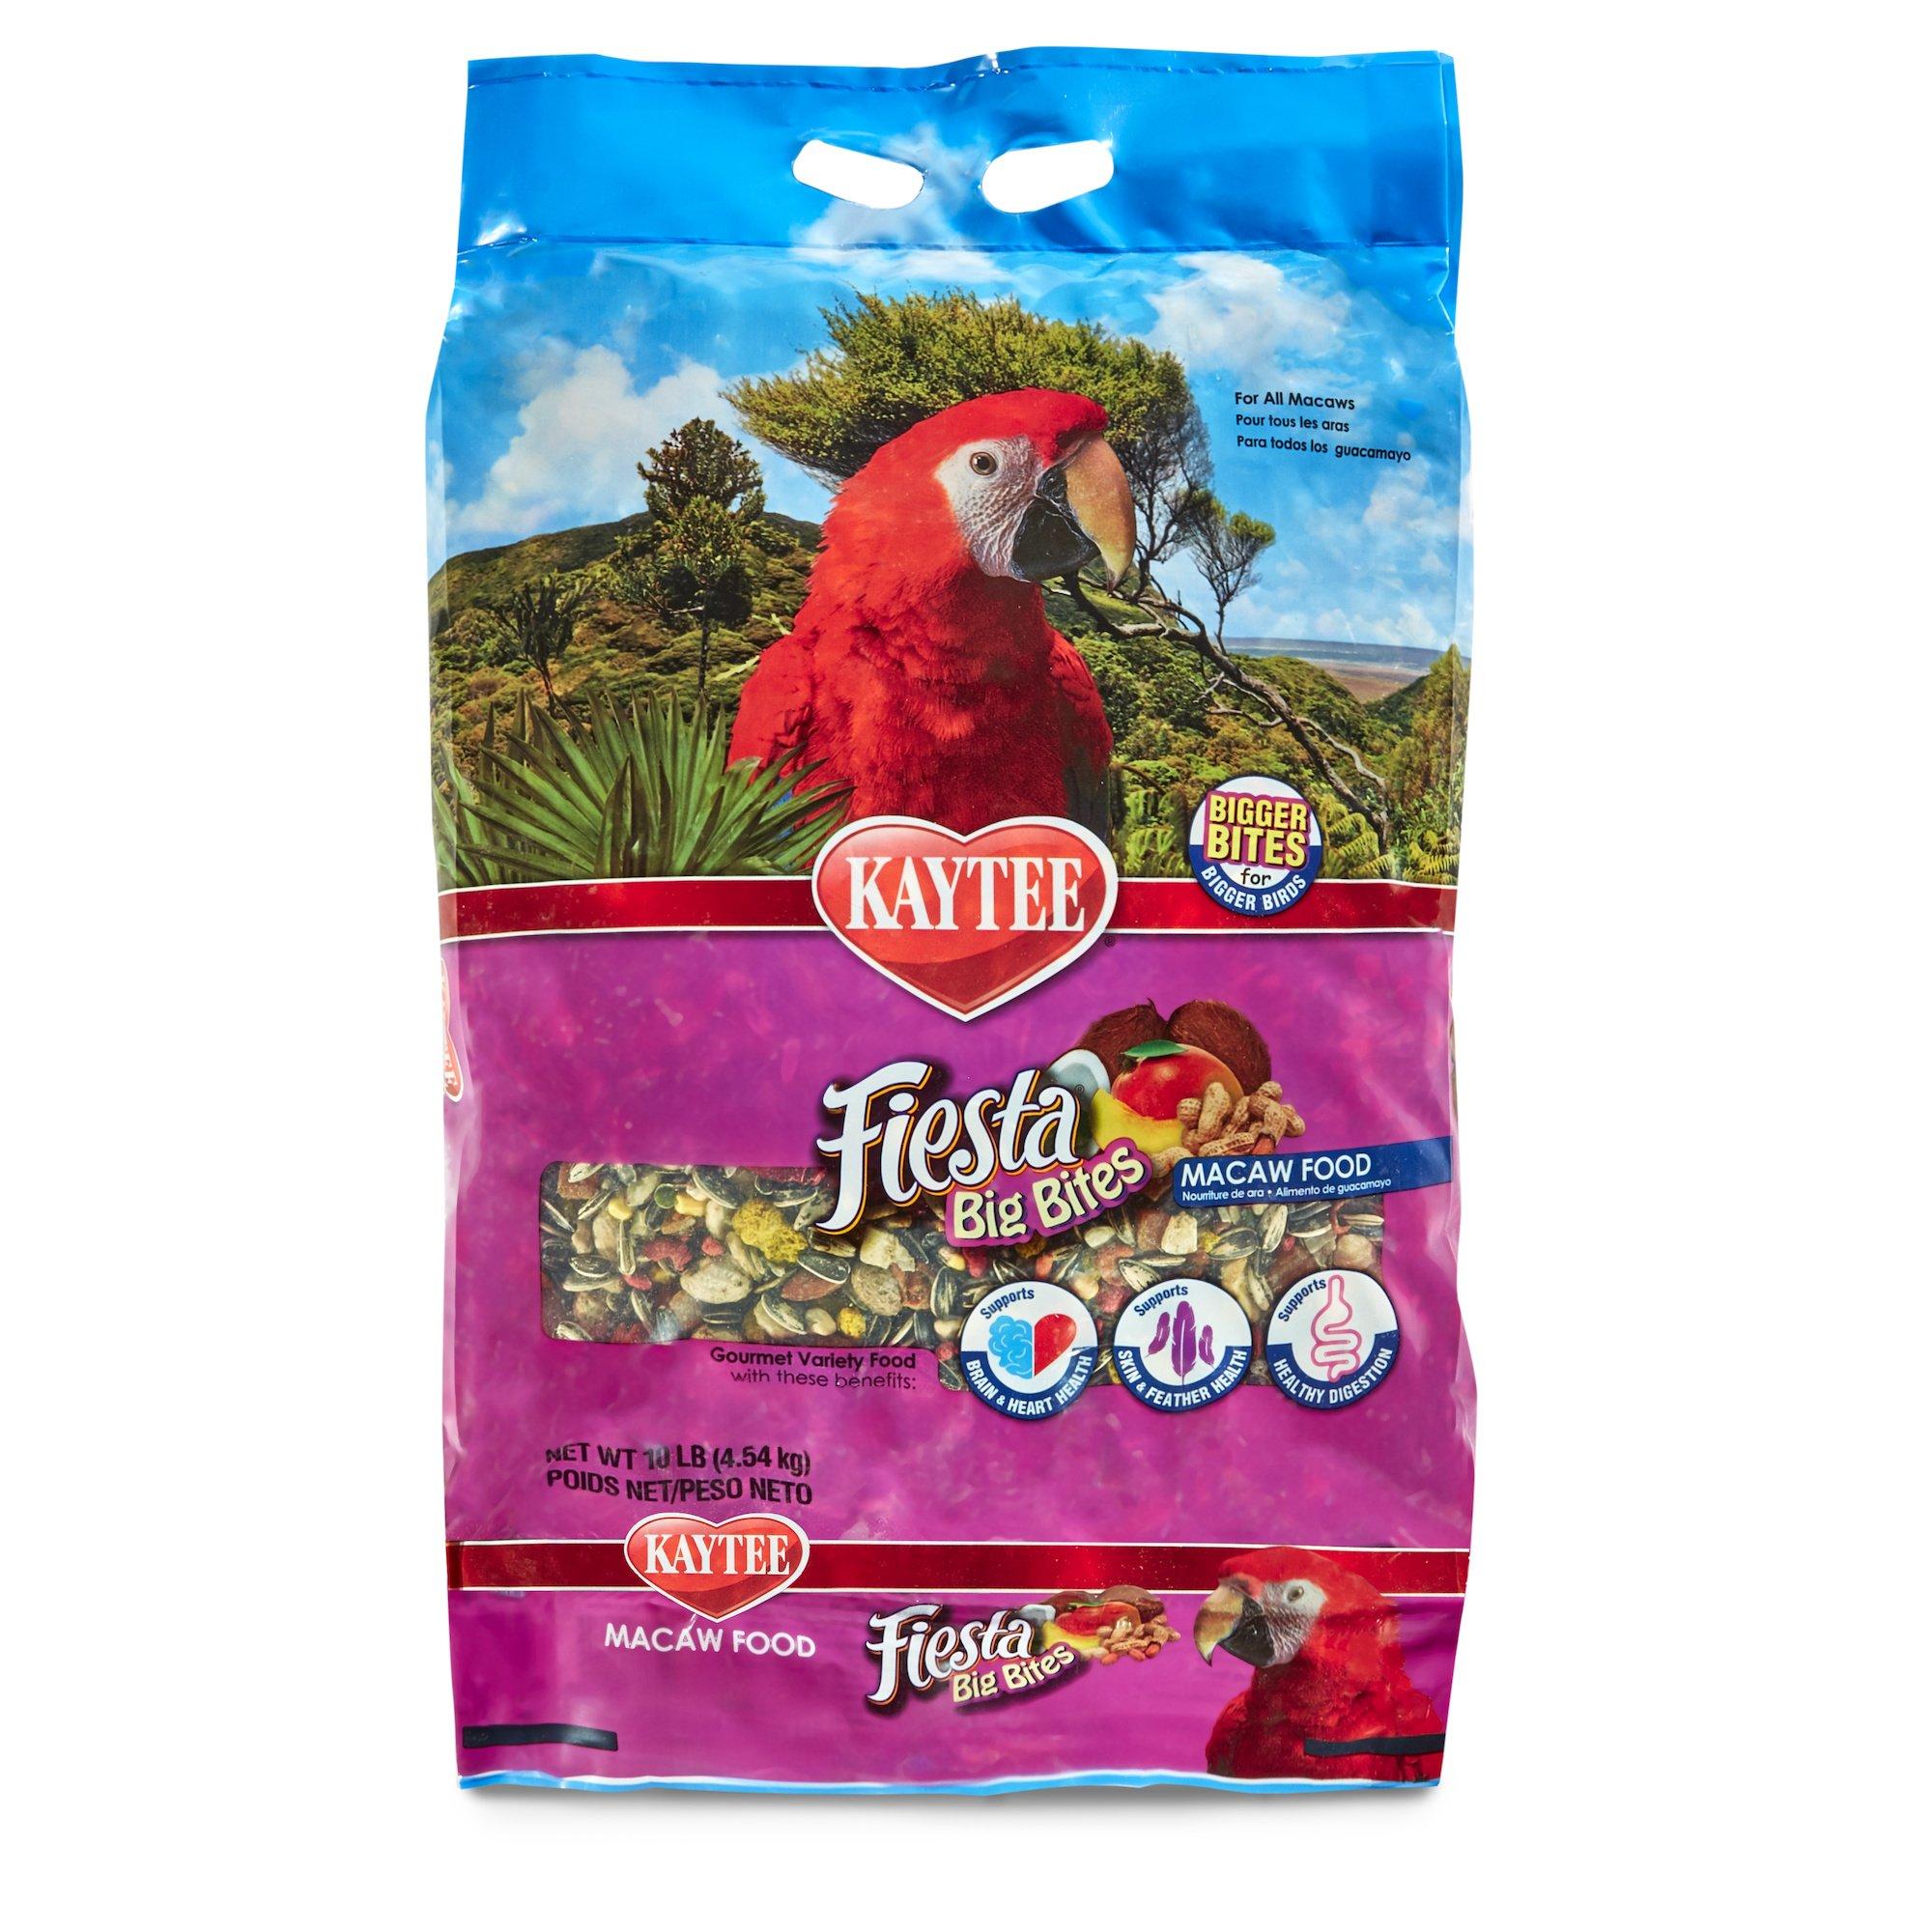 Kaytee Fiesta Big Bites Macaw Food, 10-Lb Bag by Kaytee